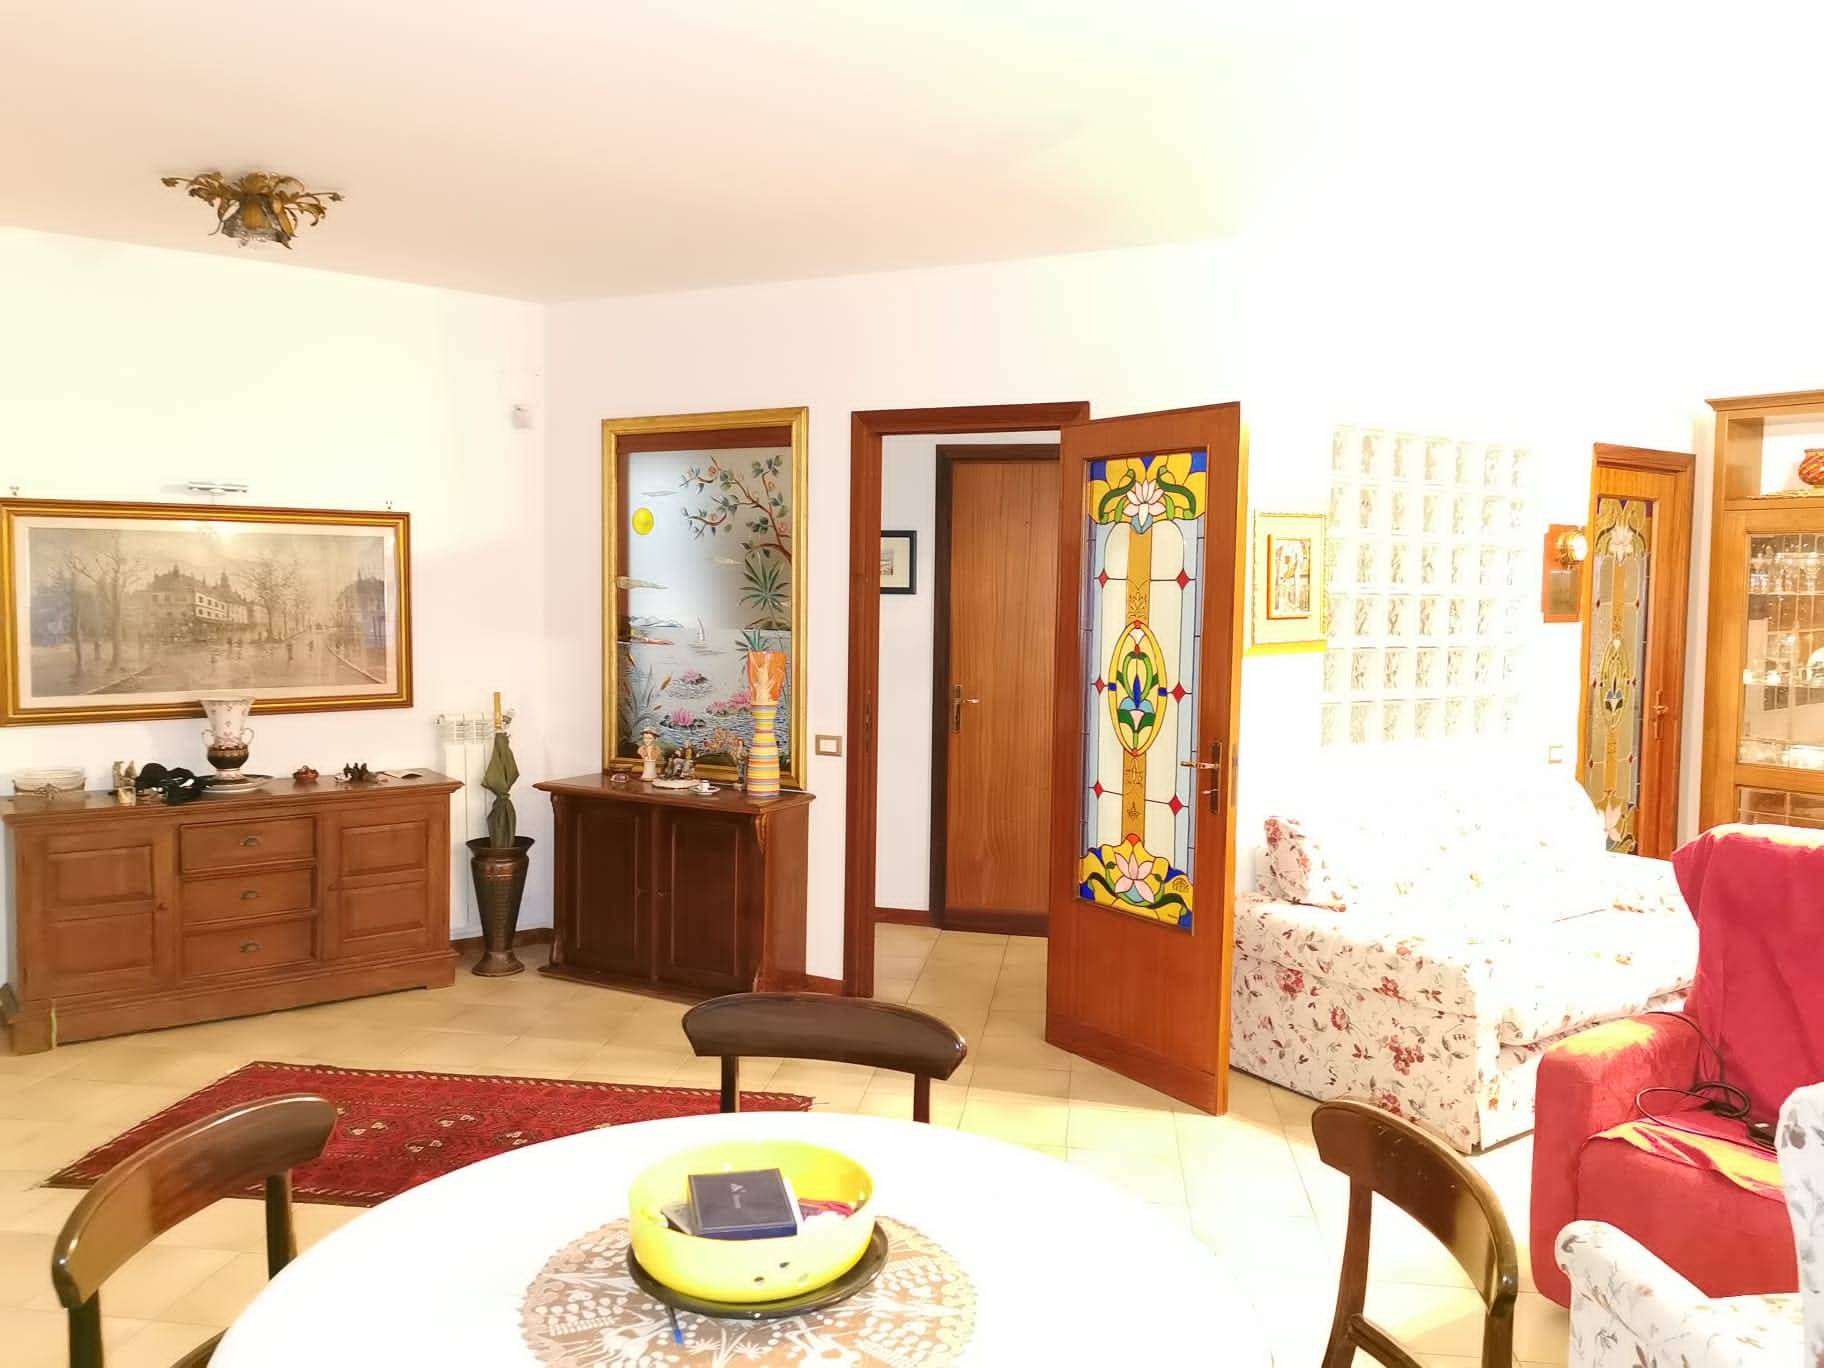 salotto - Rif. 164/20